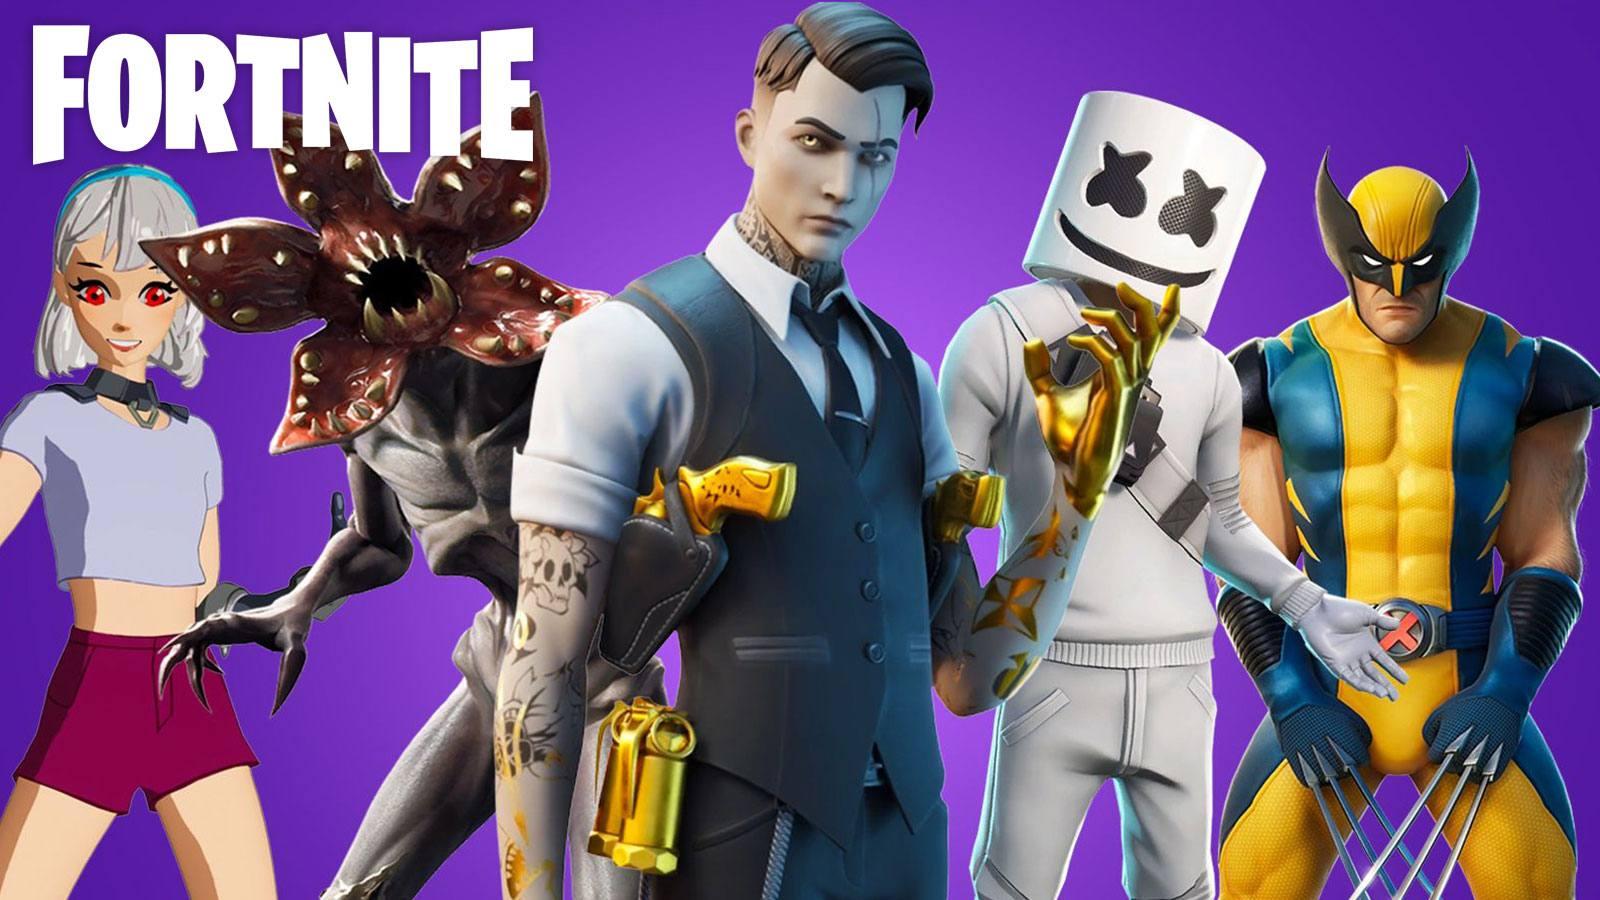 skins Fortnite Epic Games